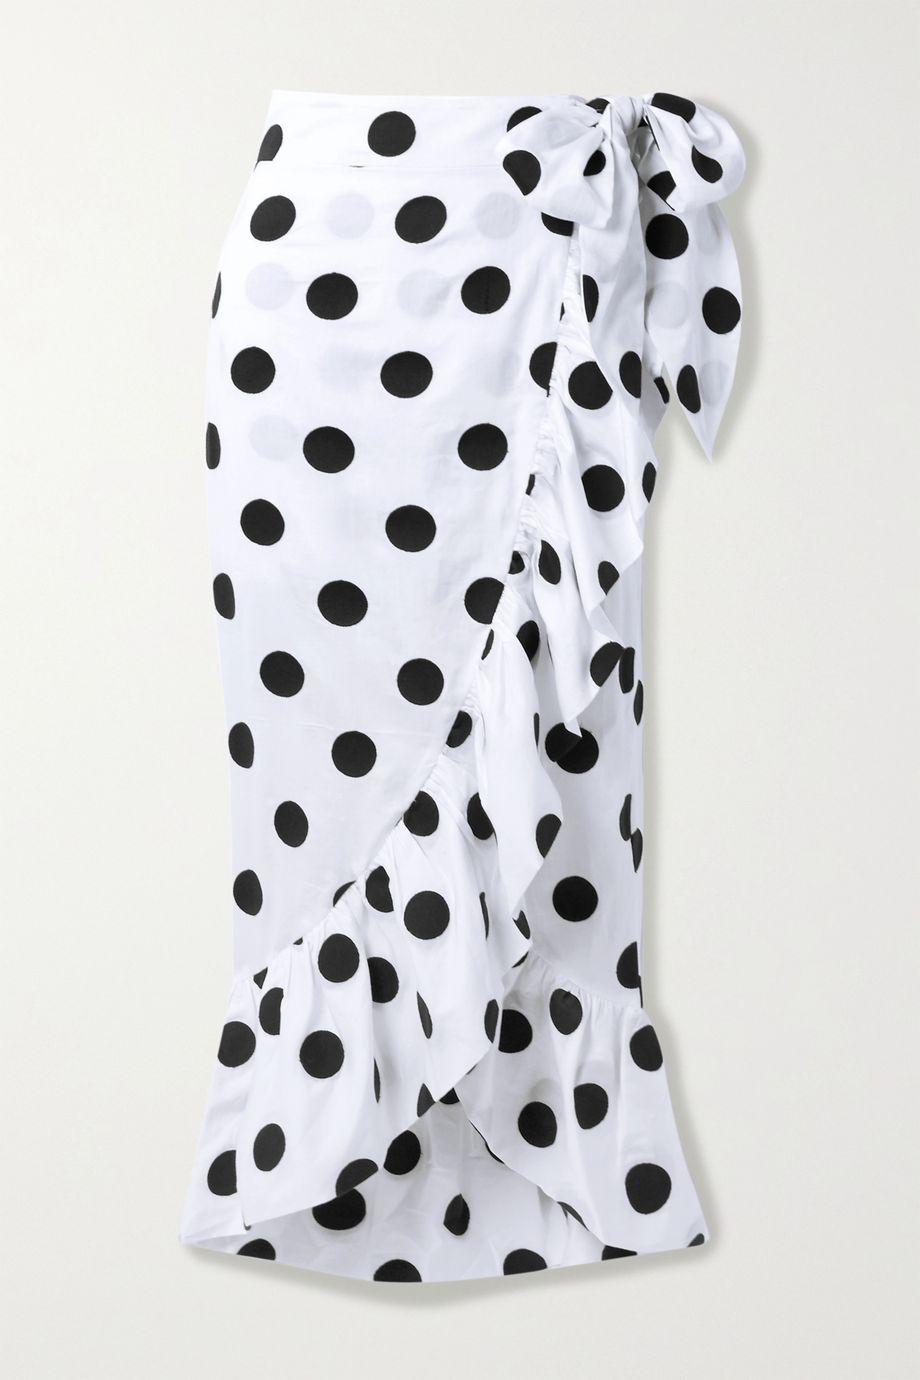 Mara Hoffman 【NET SUSTAIN】Eaven 波点有机纯棉围裹式半身裙